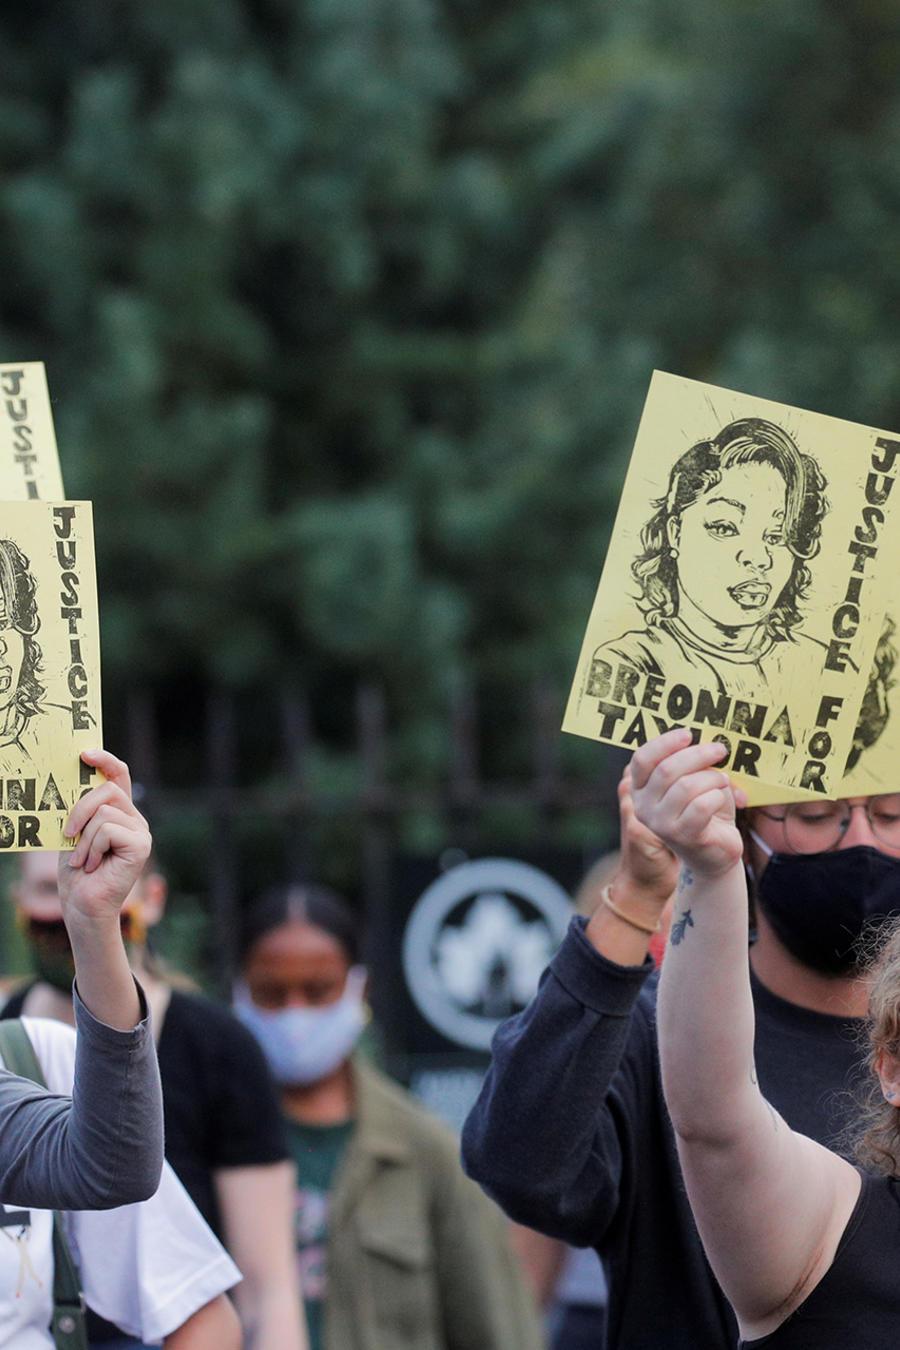 Los manifestantes participan en una protesta tras el anuncio de una sola acusación en el caso Breonna Taylor, en el barrio de Brooklyn de la ciudad de Nueva York, Nueva York, EE.UU.